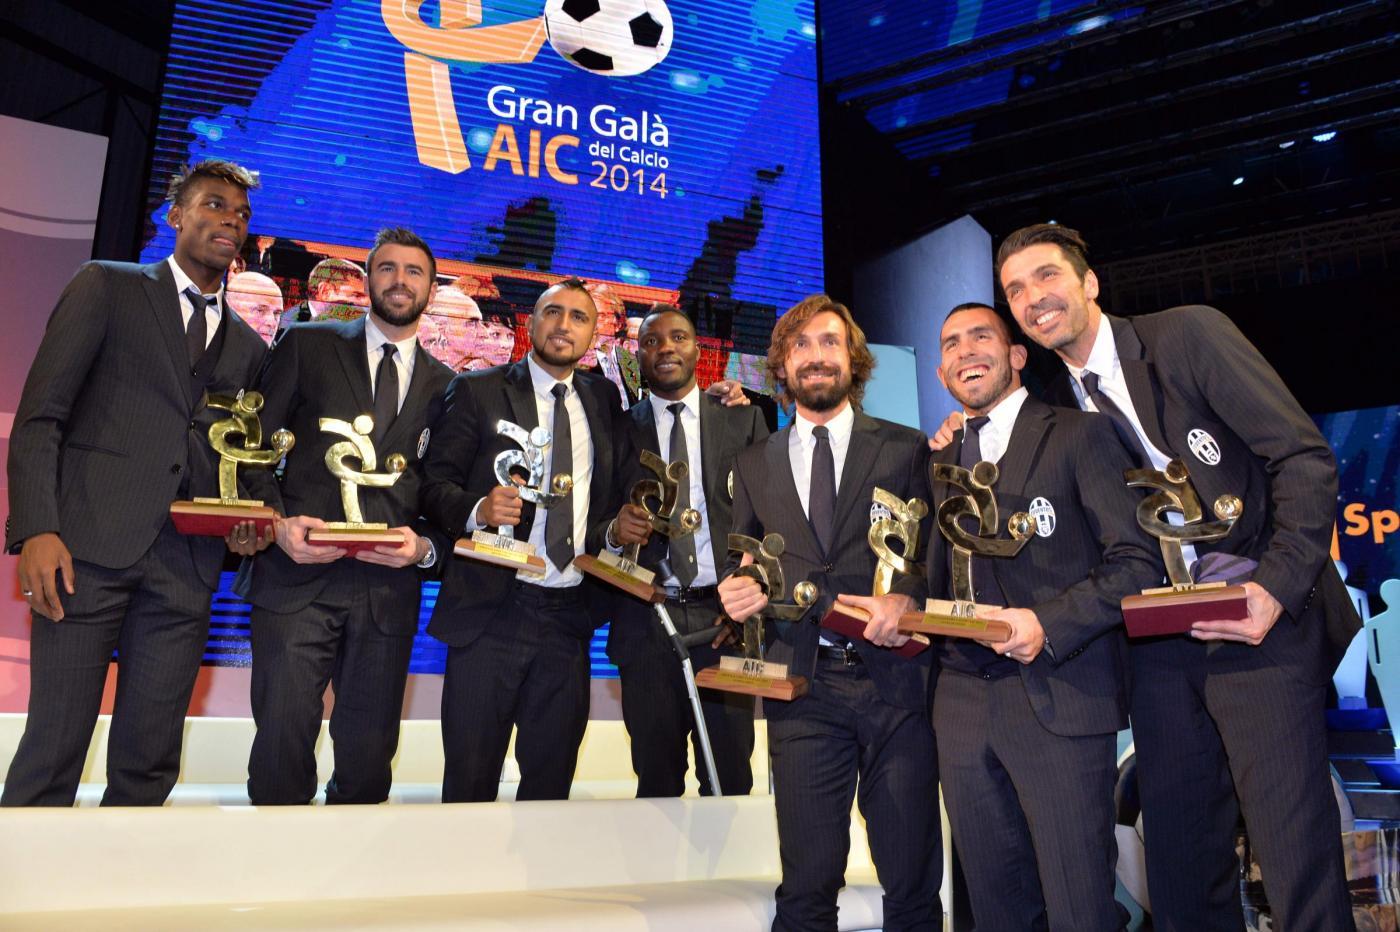 Juventus pigliatutto al Gran Galà del Calcio 2014